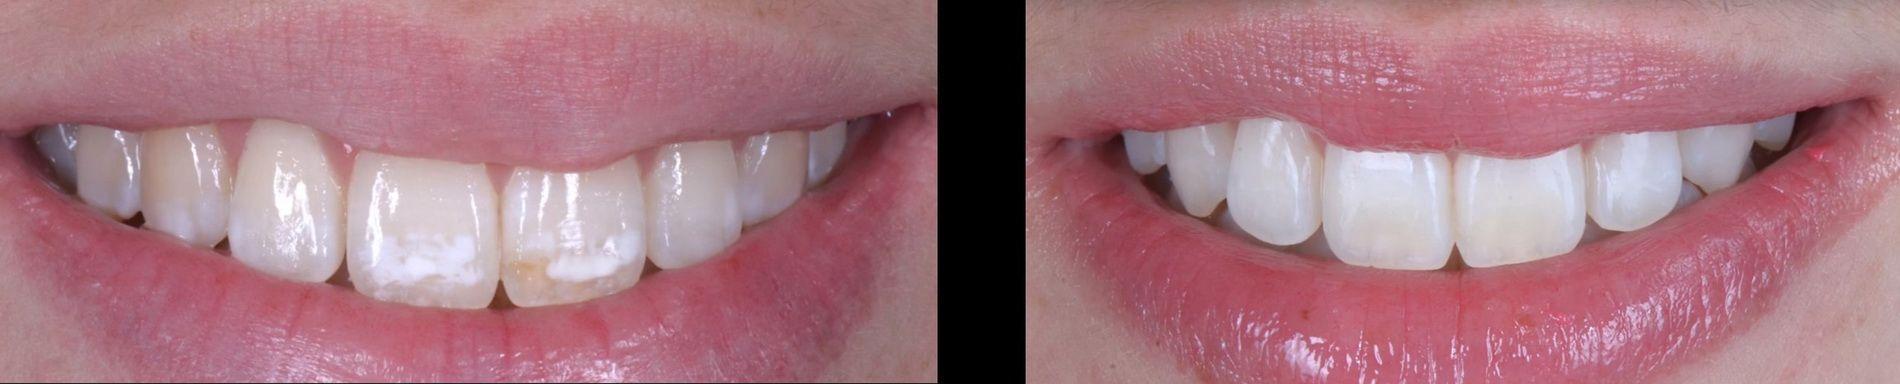 Los sistemas de microerosión-infiltración como Icon® o Opalustre® permiten eliminar o disimular mucho el efecto antiestético de estas manchas sin necesidad de utilizar turbinas ni materiales de recubrimiento, ni carillas. Clínica dental Padrós, dentista en Barcelona